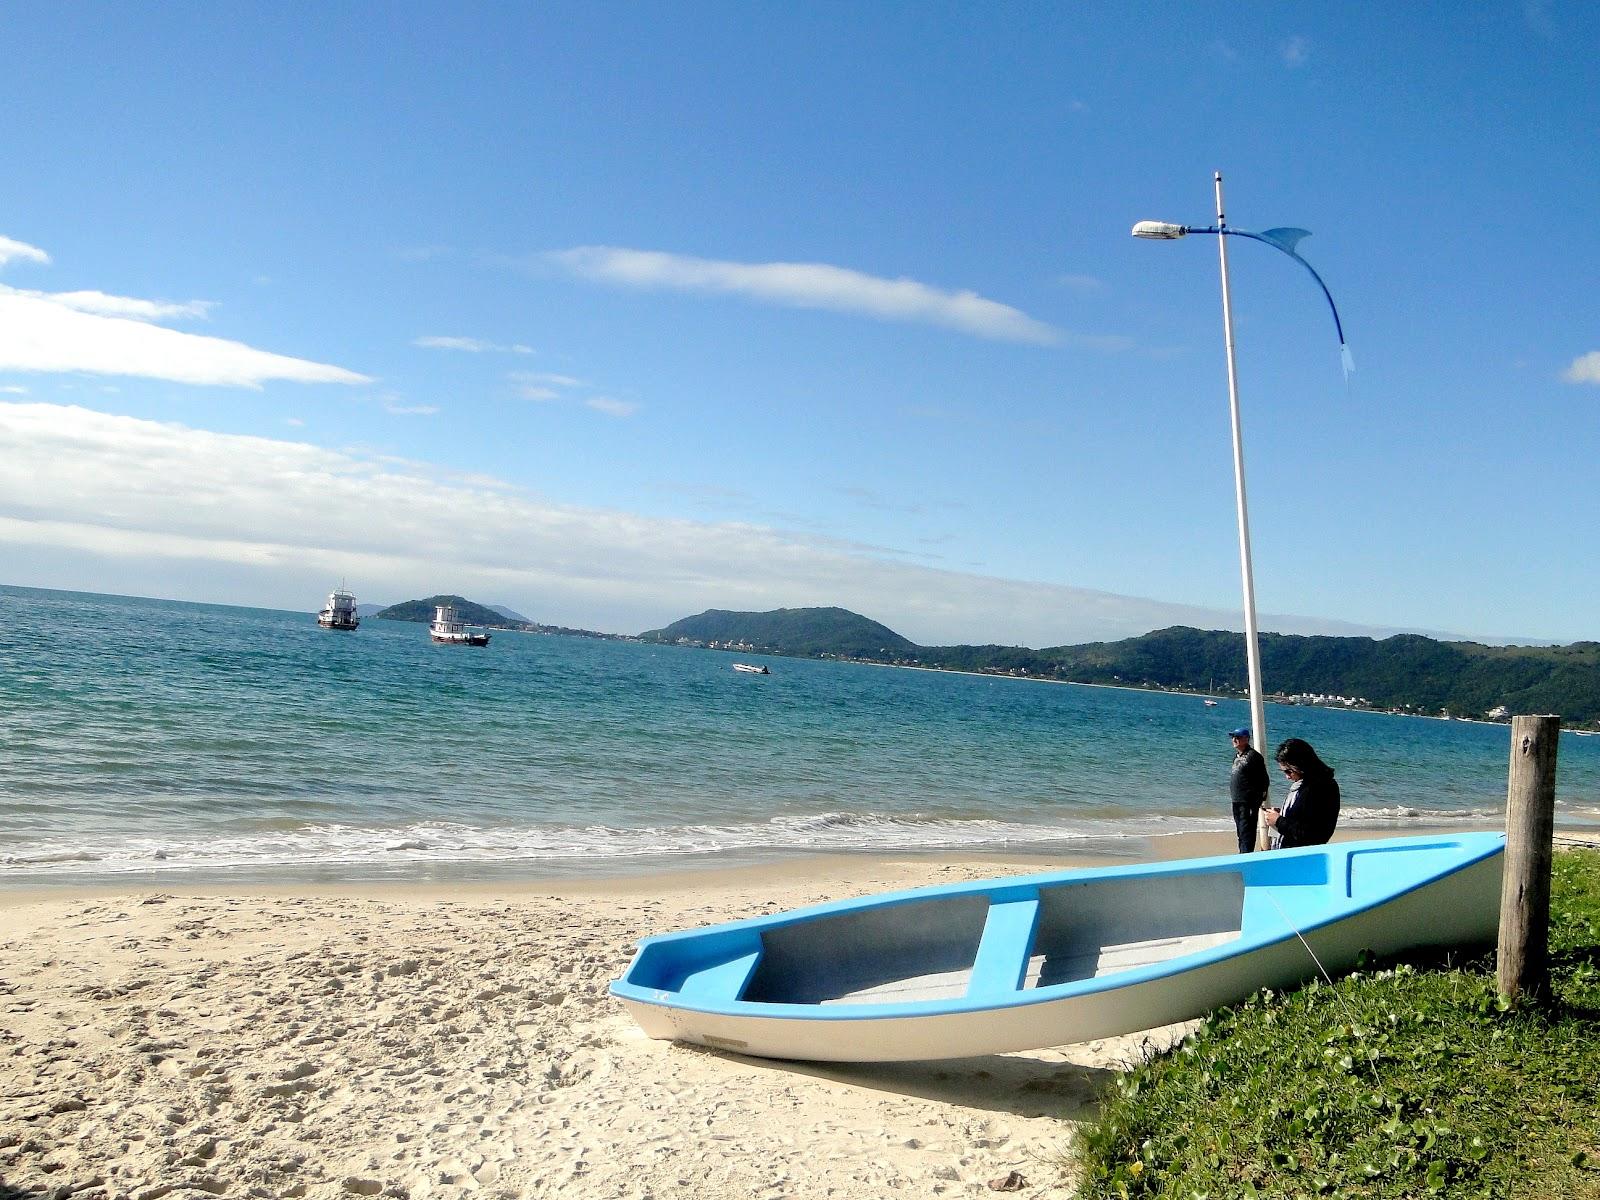 praia-canasvieiras-florianopolis-por-ideias-no-salto2